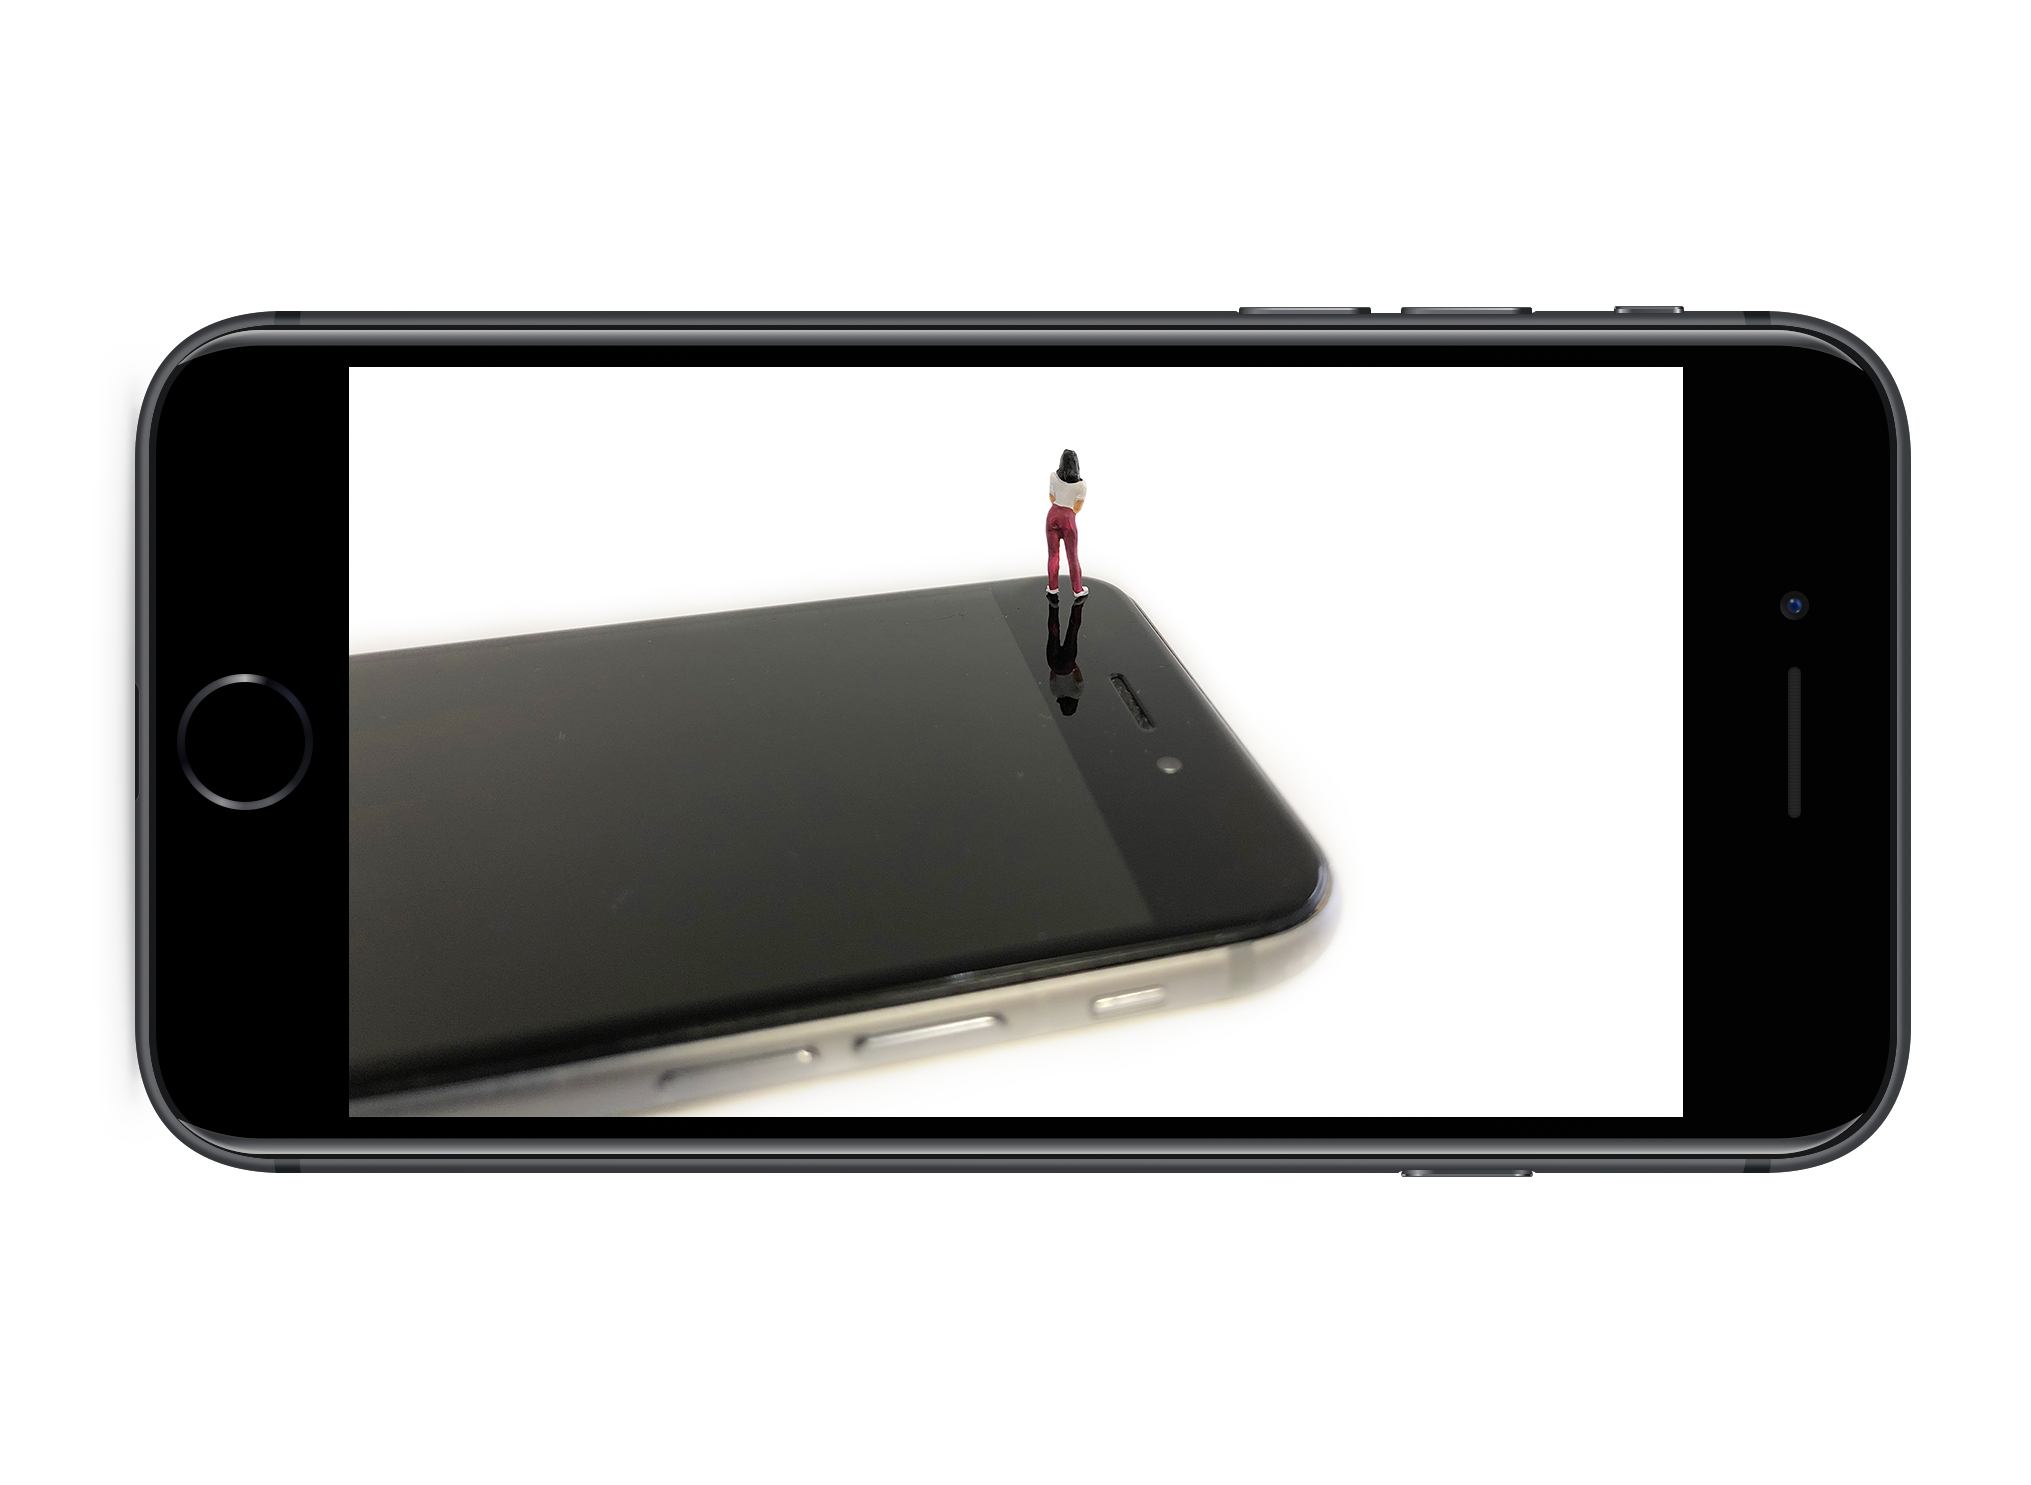 iphone7flip.jpg